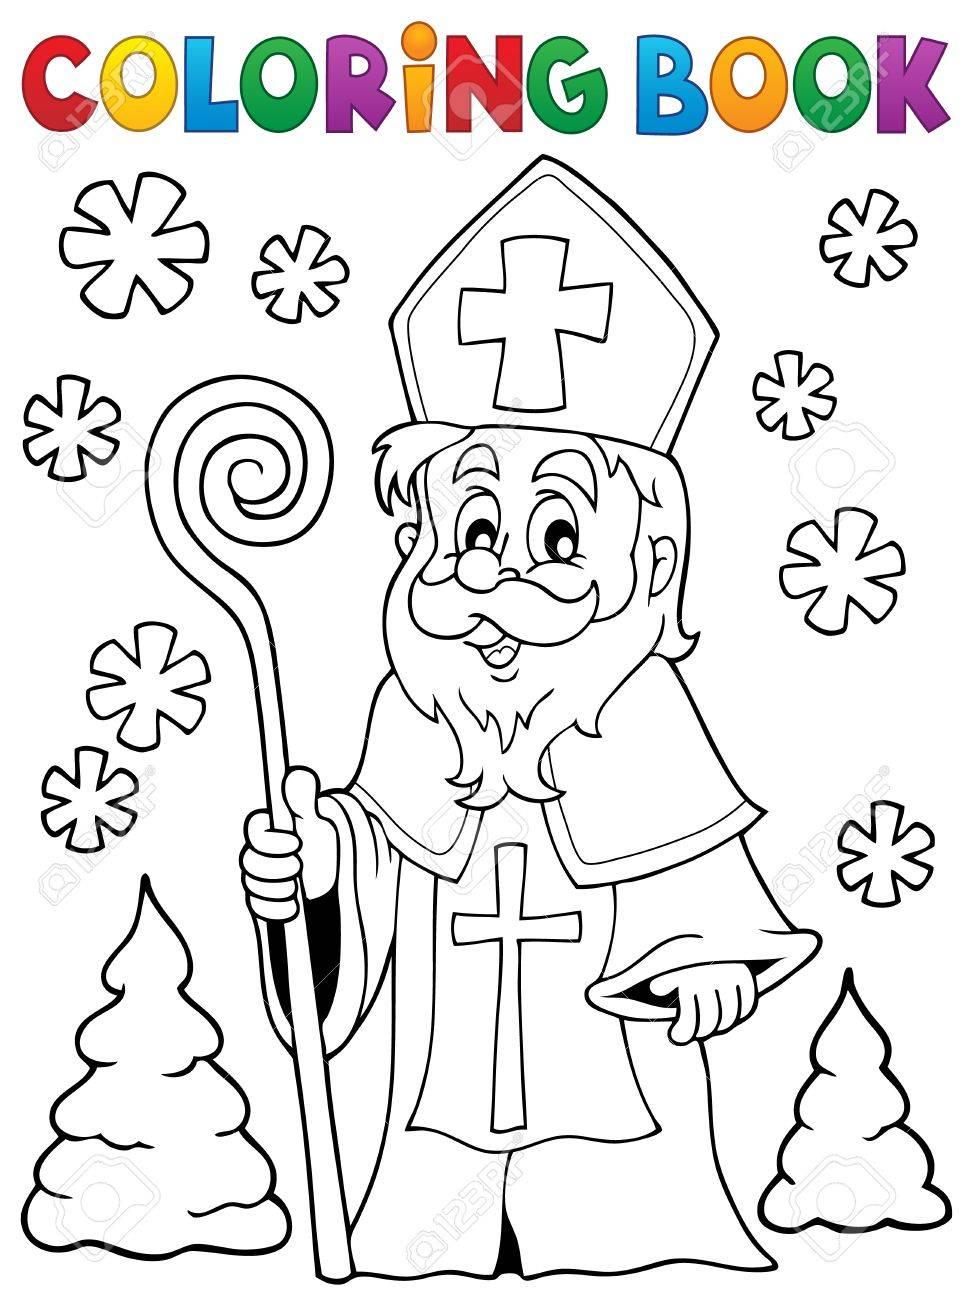 Livre De Coloriage Saint Nicolas Theme 1 Clip Art Libres De Droits Vecteurs Et Illustration Image 45606083